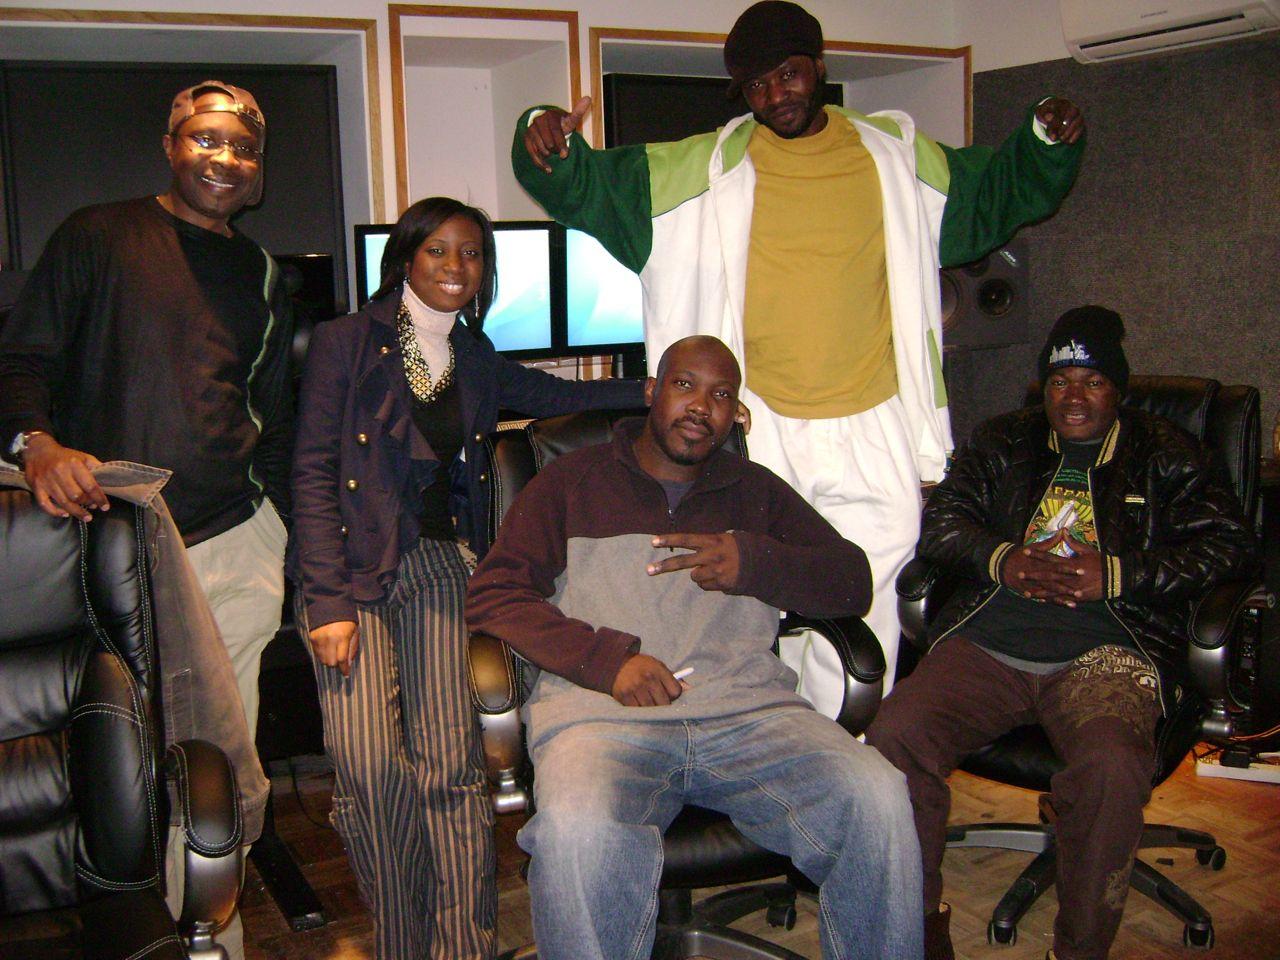 Olagbara Recording Session Bowie MD November 7th 2009 - 10 John Bashengezi TolumiDE Blaise Tangelo Ngouma Lokito